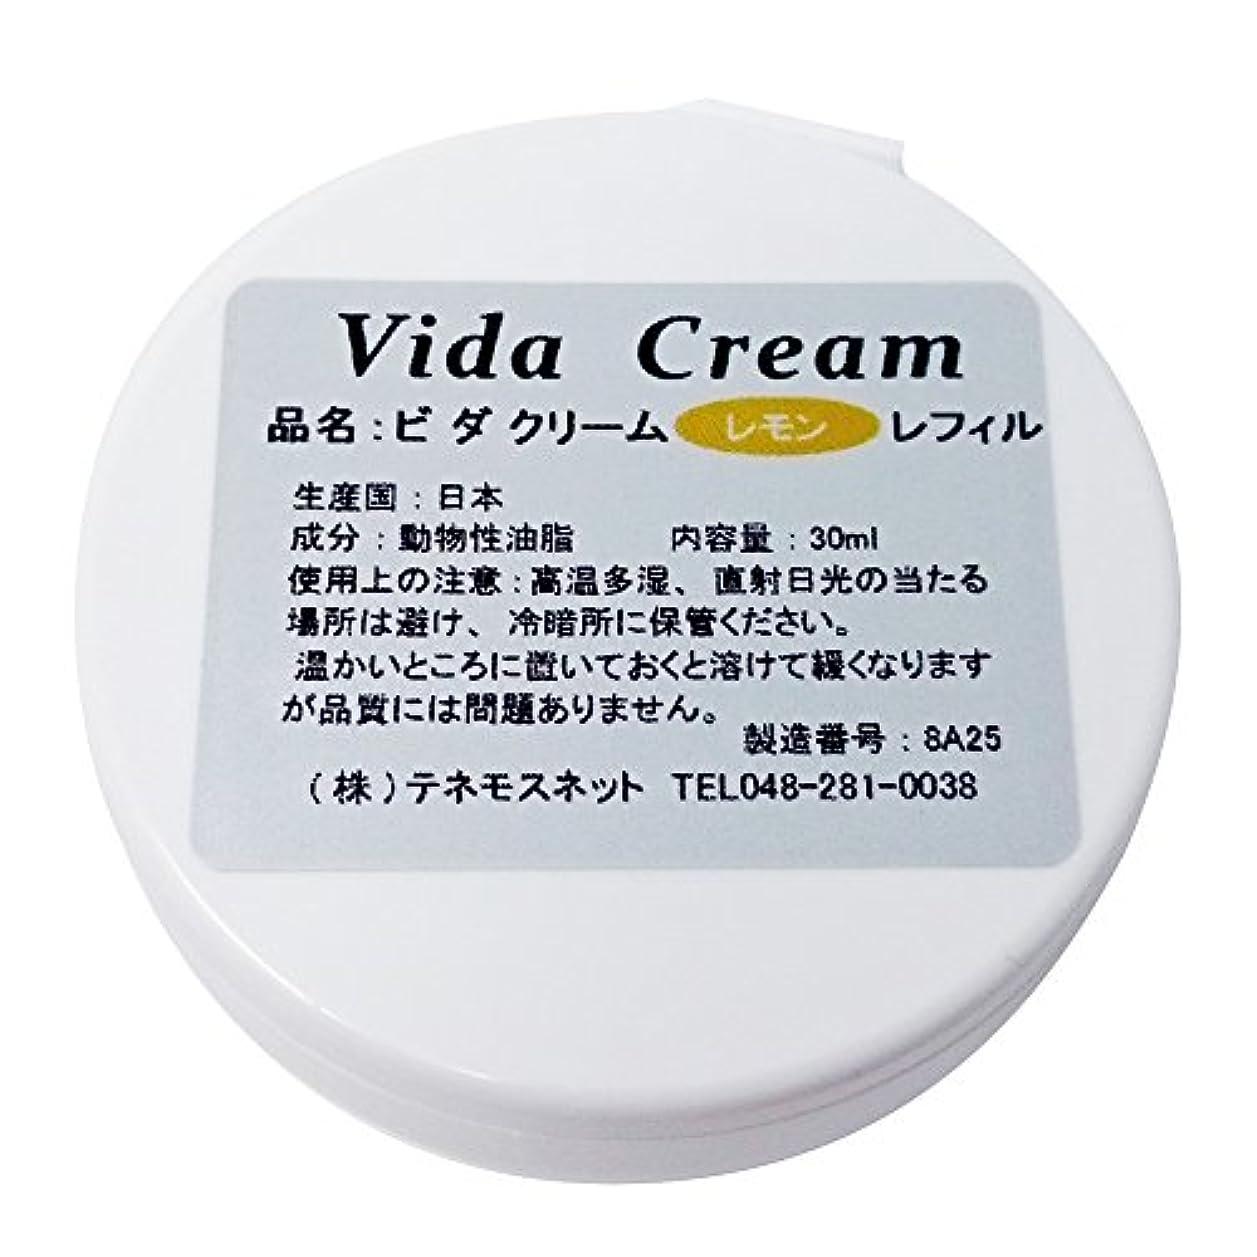 強制的流行している株式会社テネモス ビダクリーム Vida Cream ほのかレモン レフィル 付替用 30ml